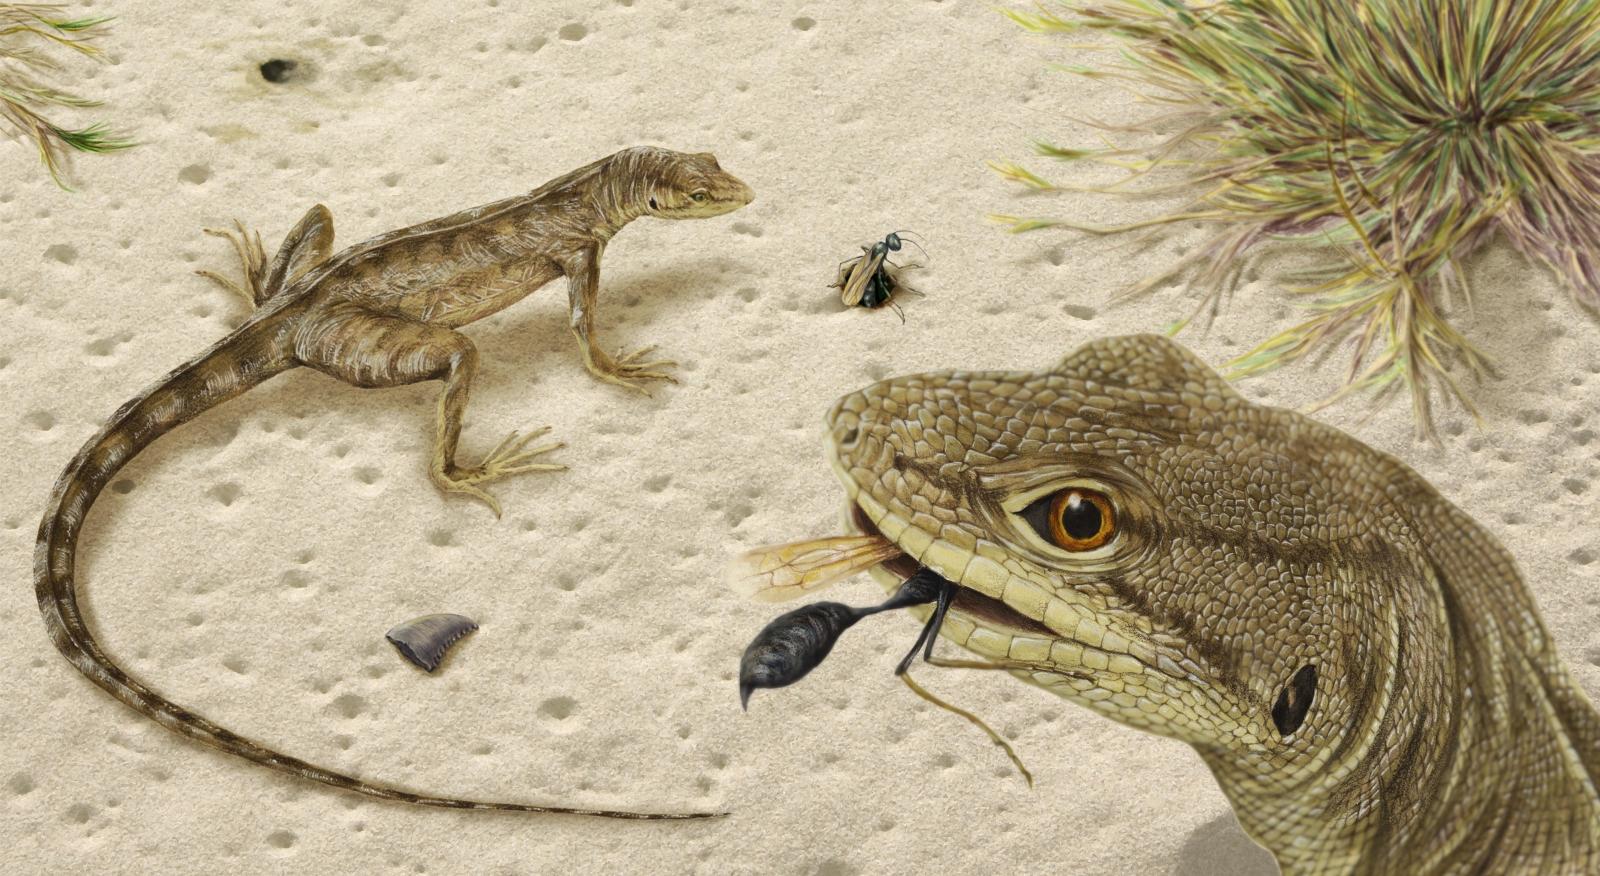 Magnuviator ovimonsensis